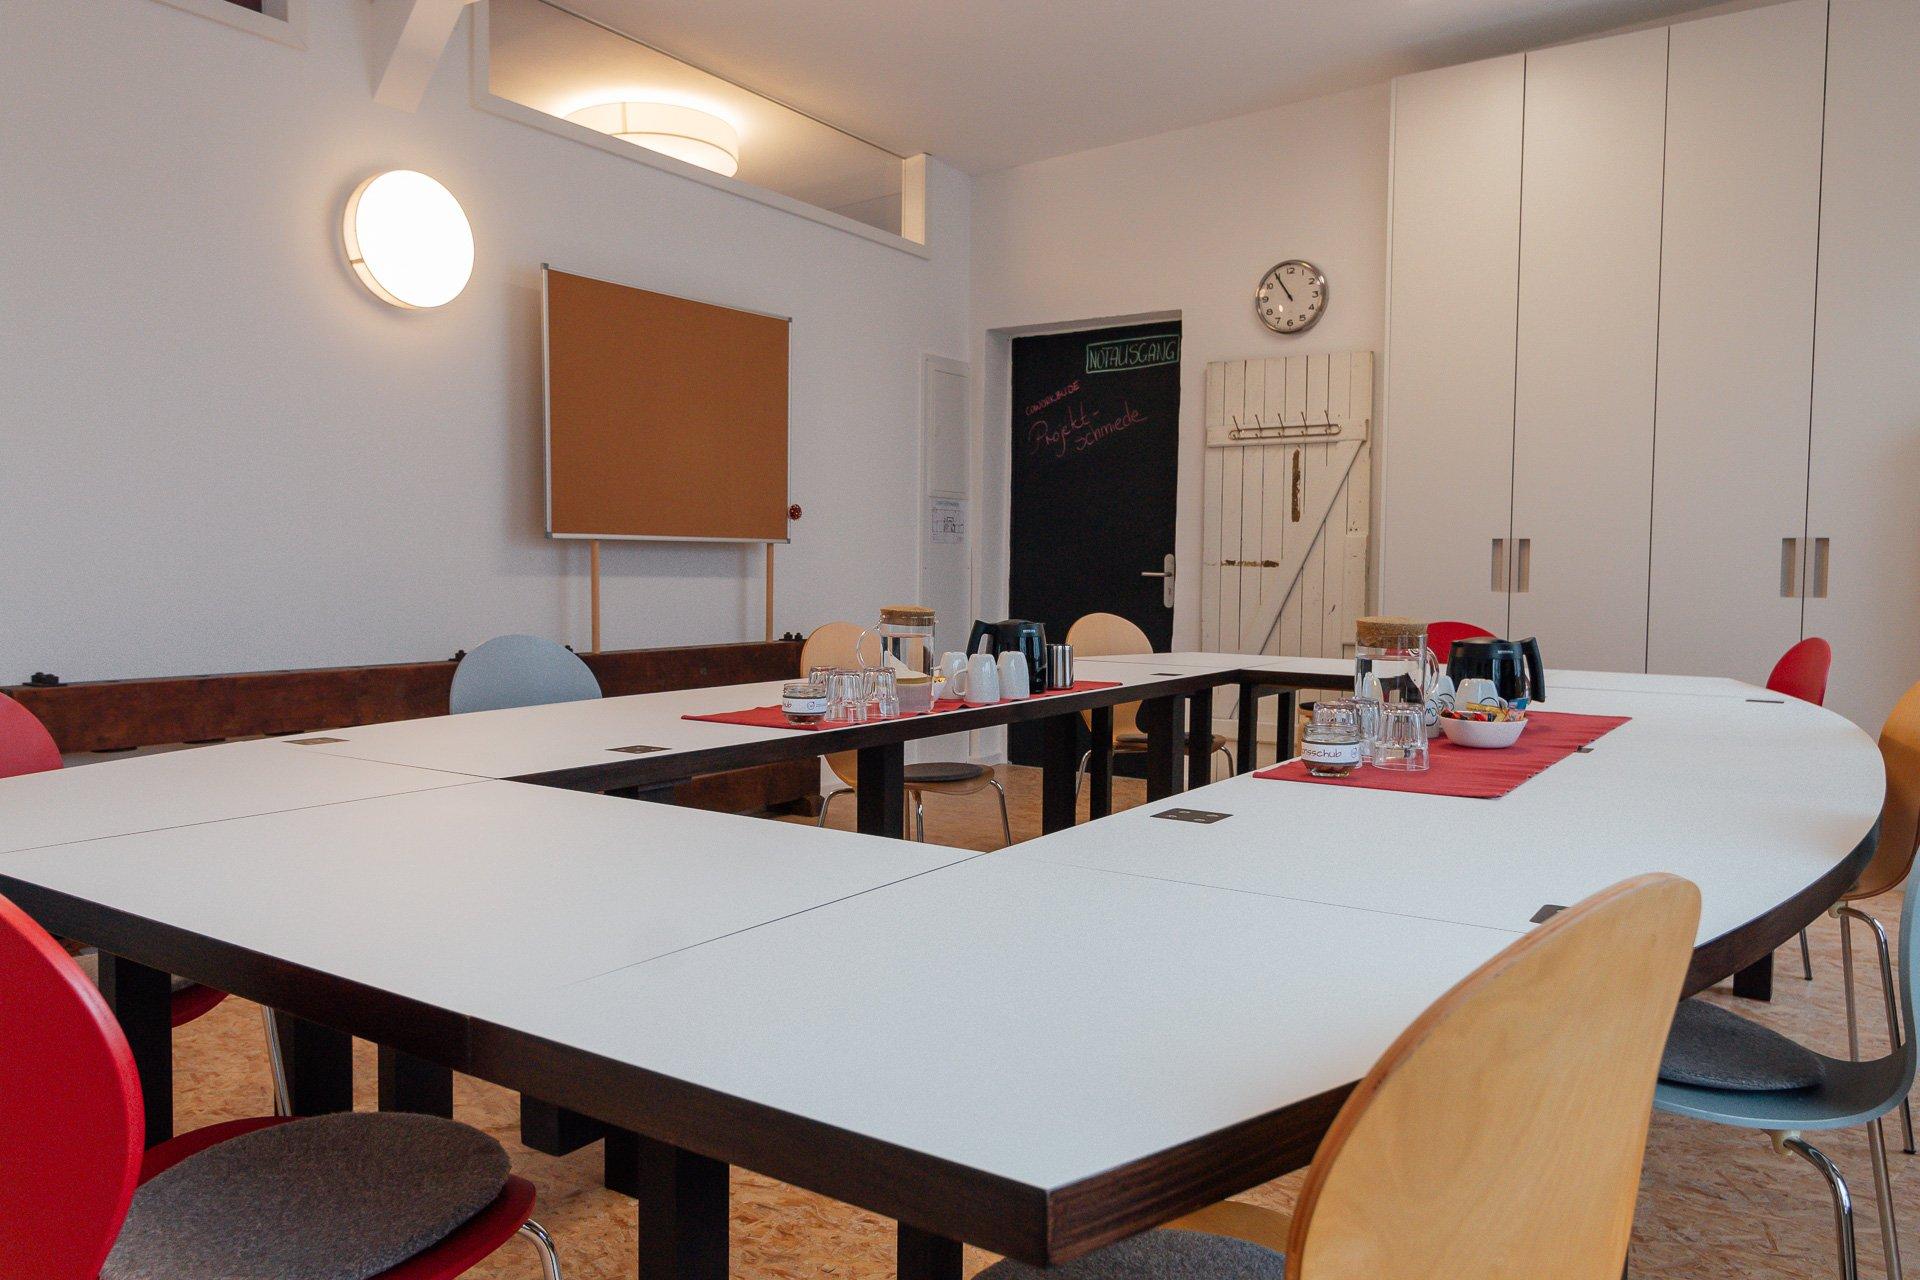 Konferenzraum mit Pinnwand vorbereitet für Teilnehmer:innen